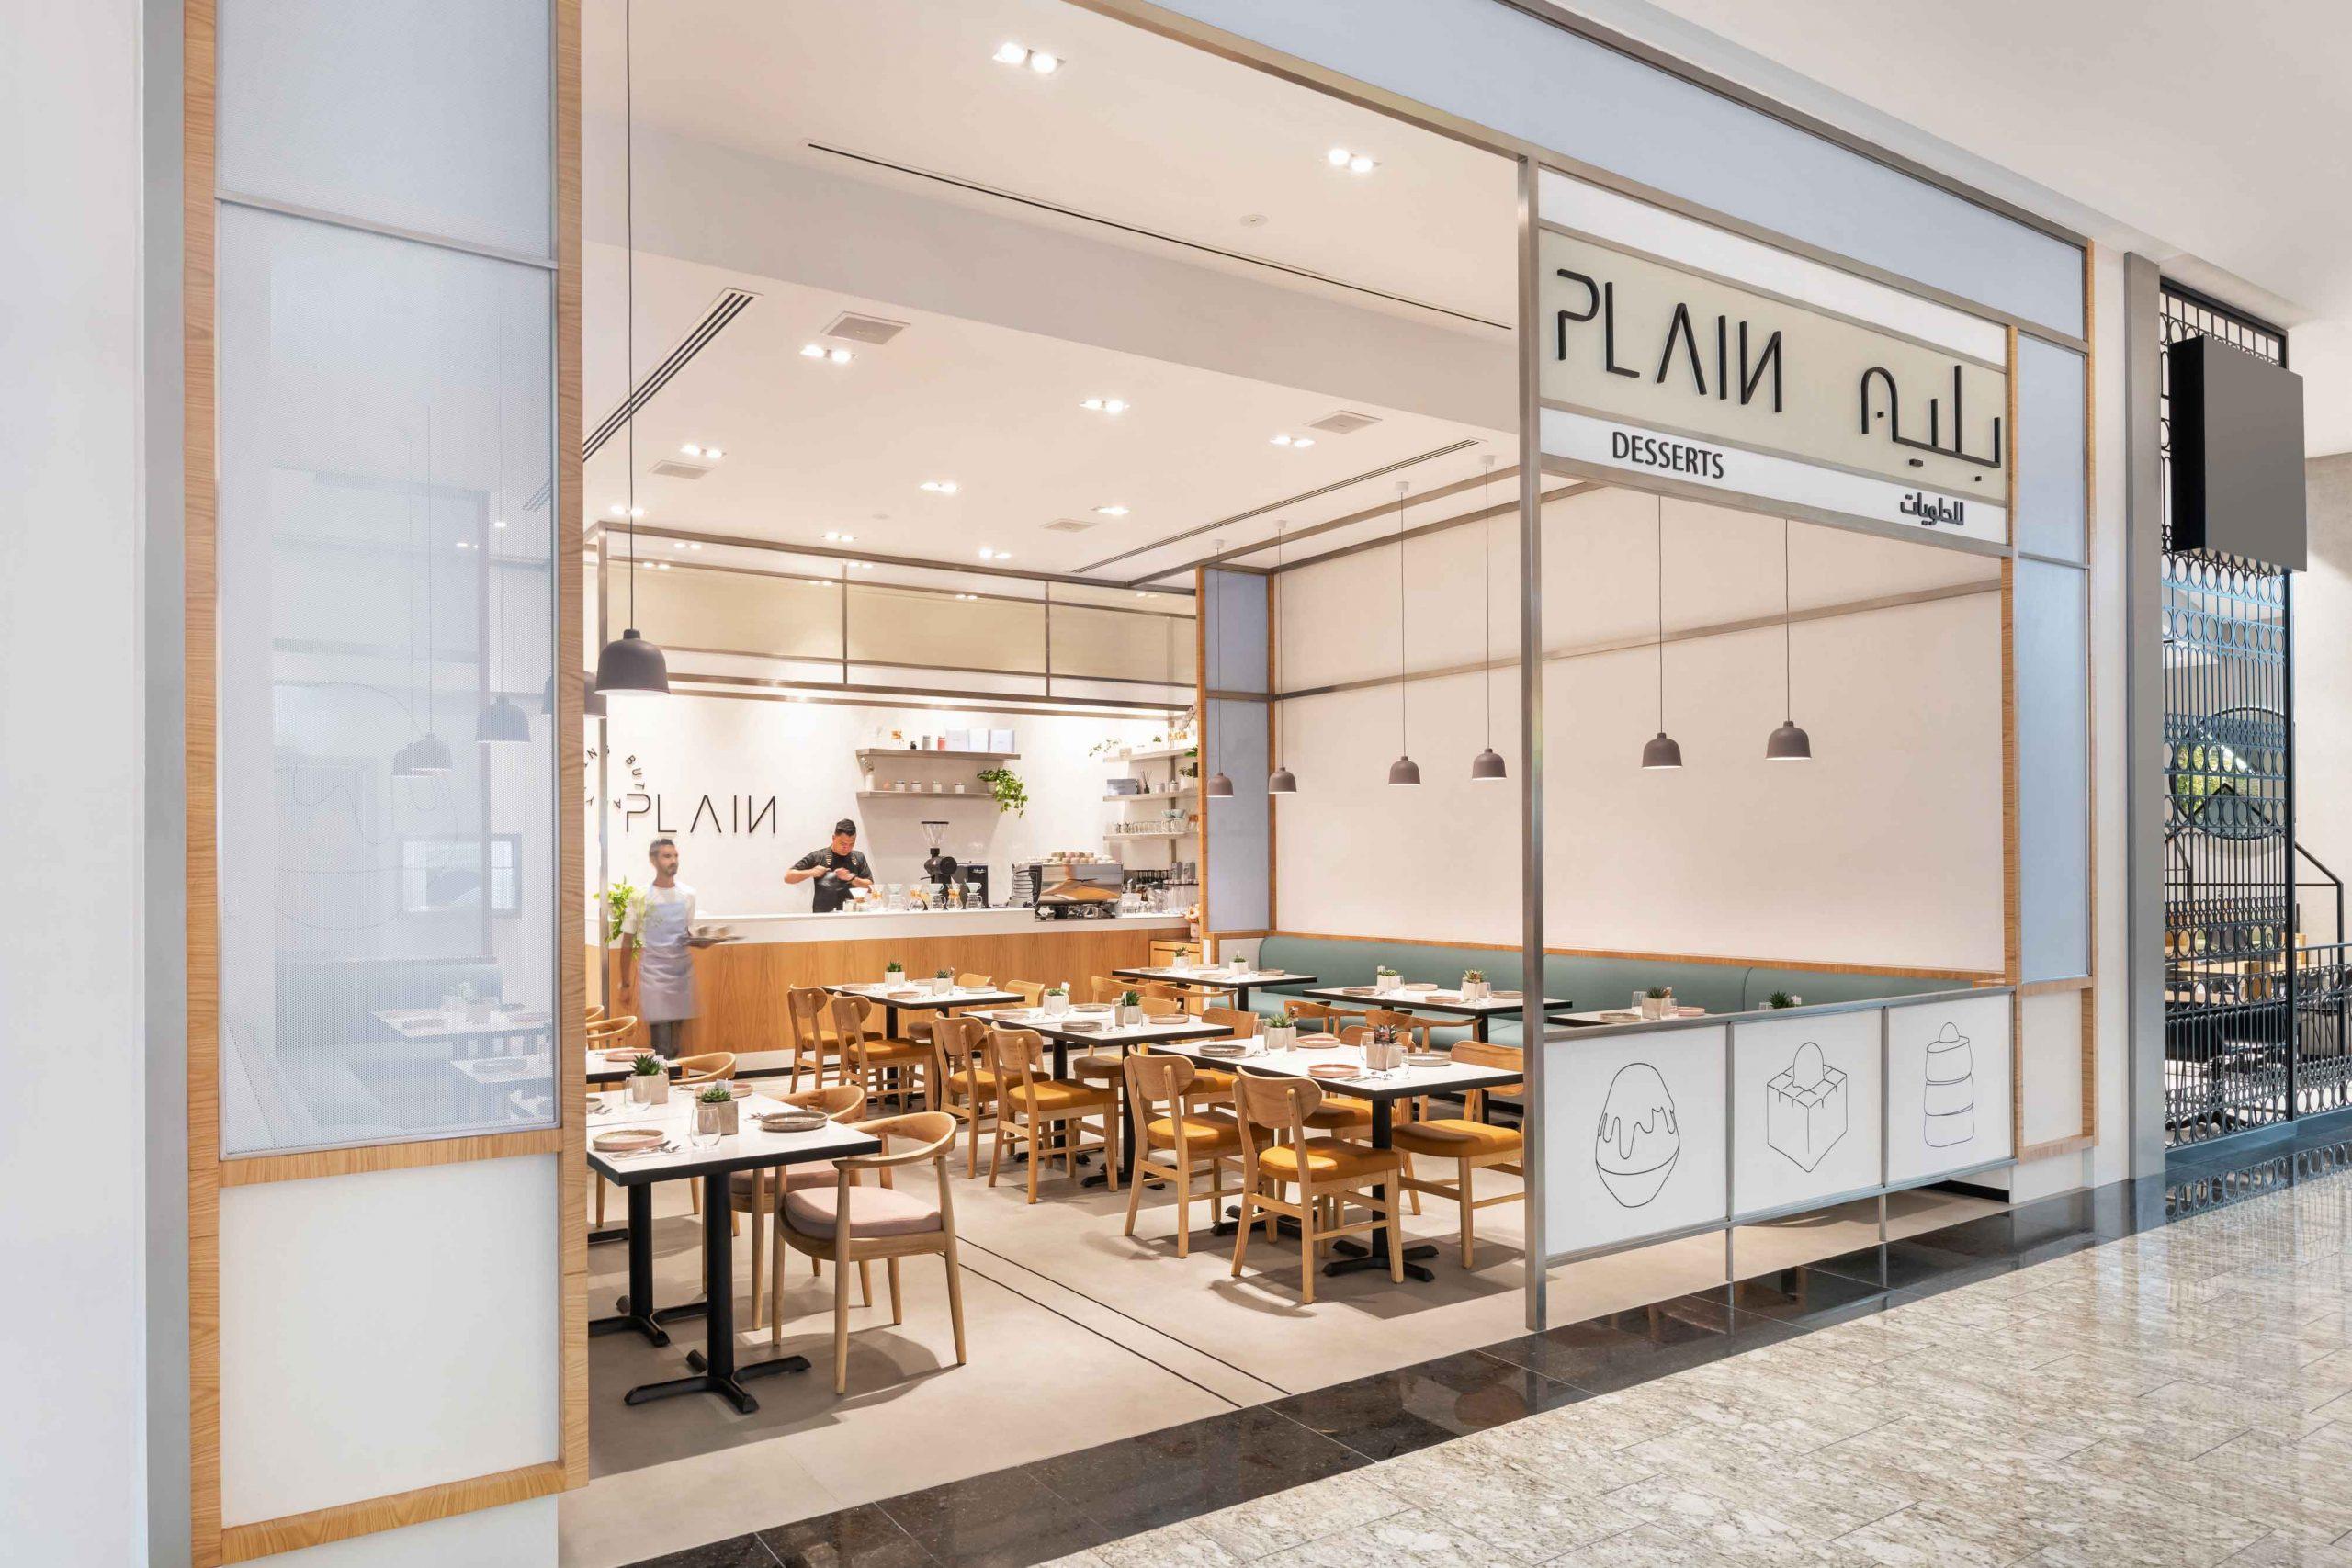 Plain-Home Decor Dubai